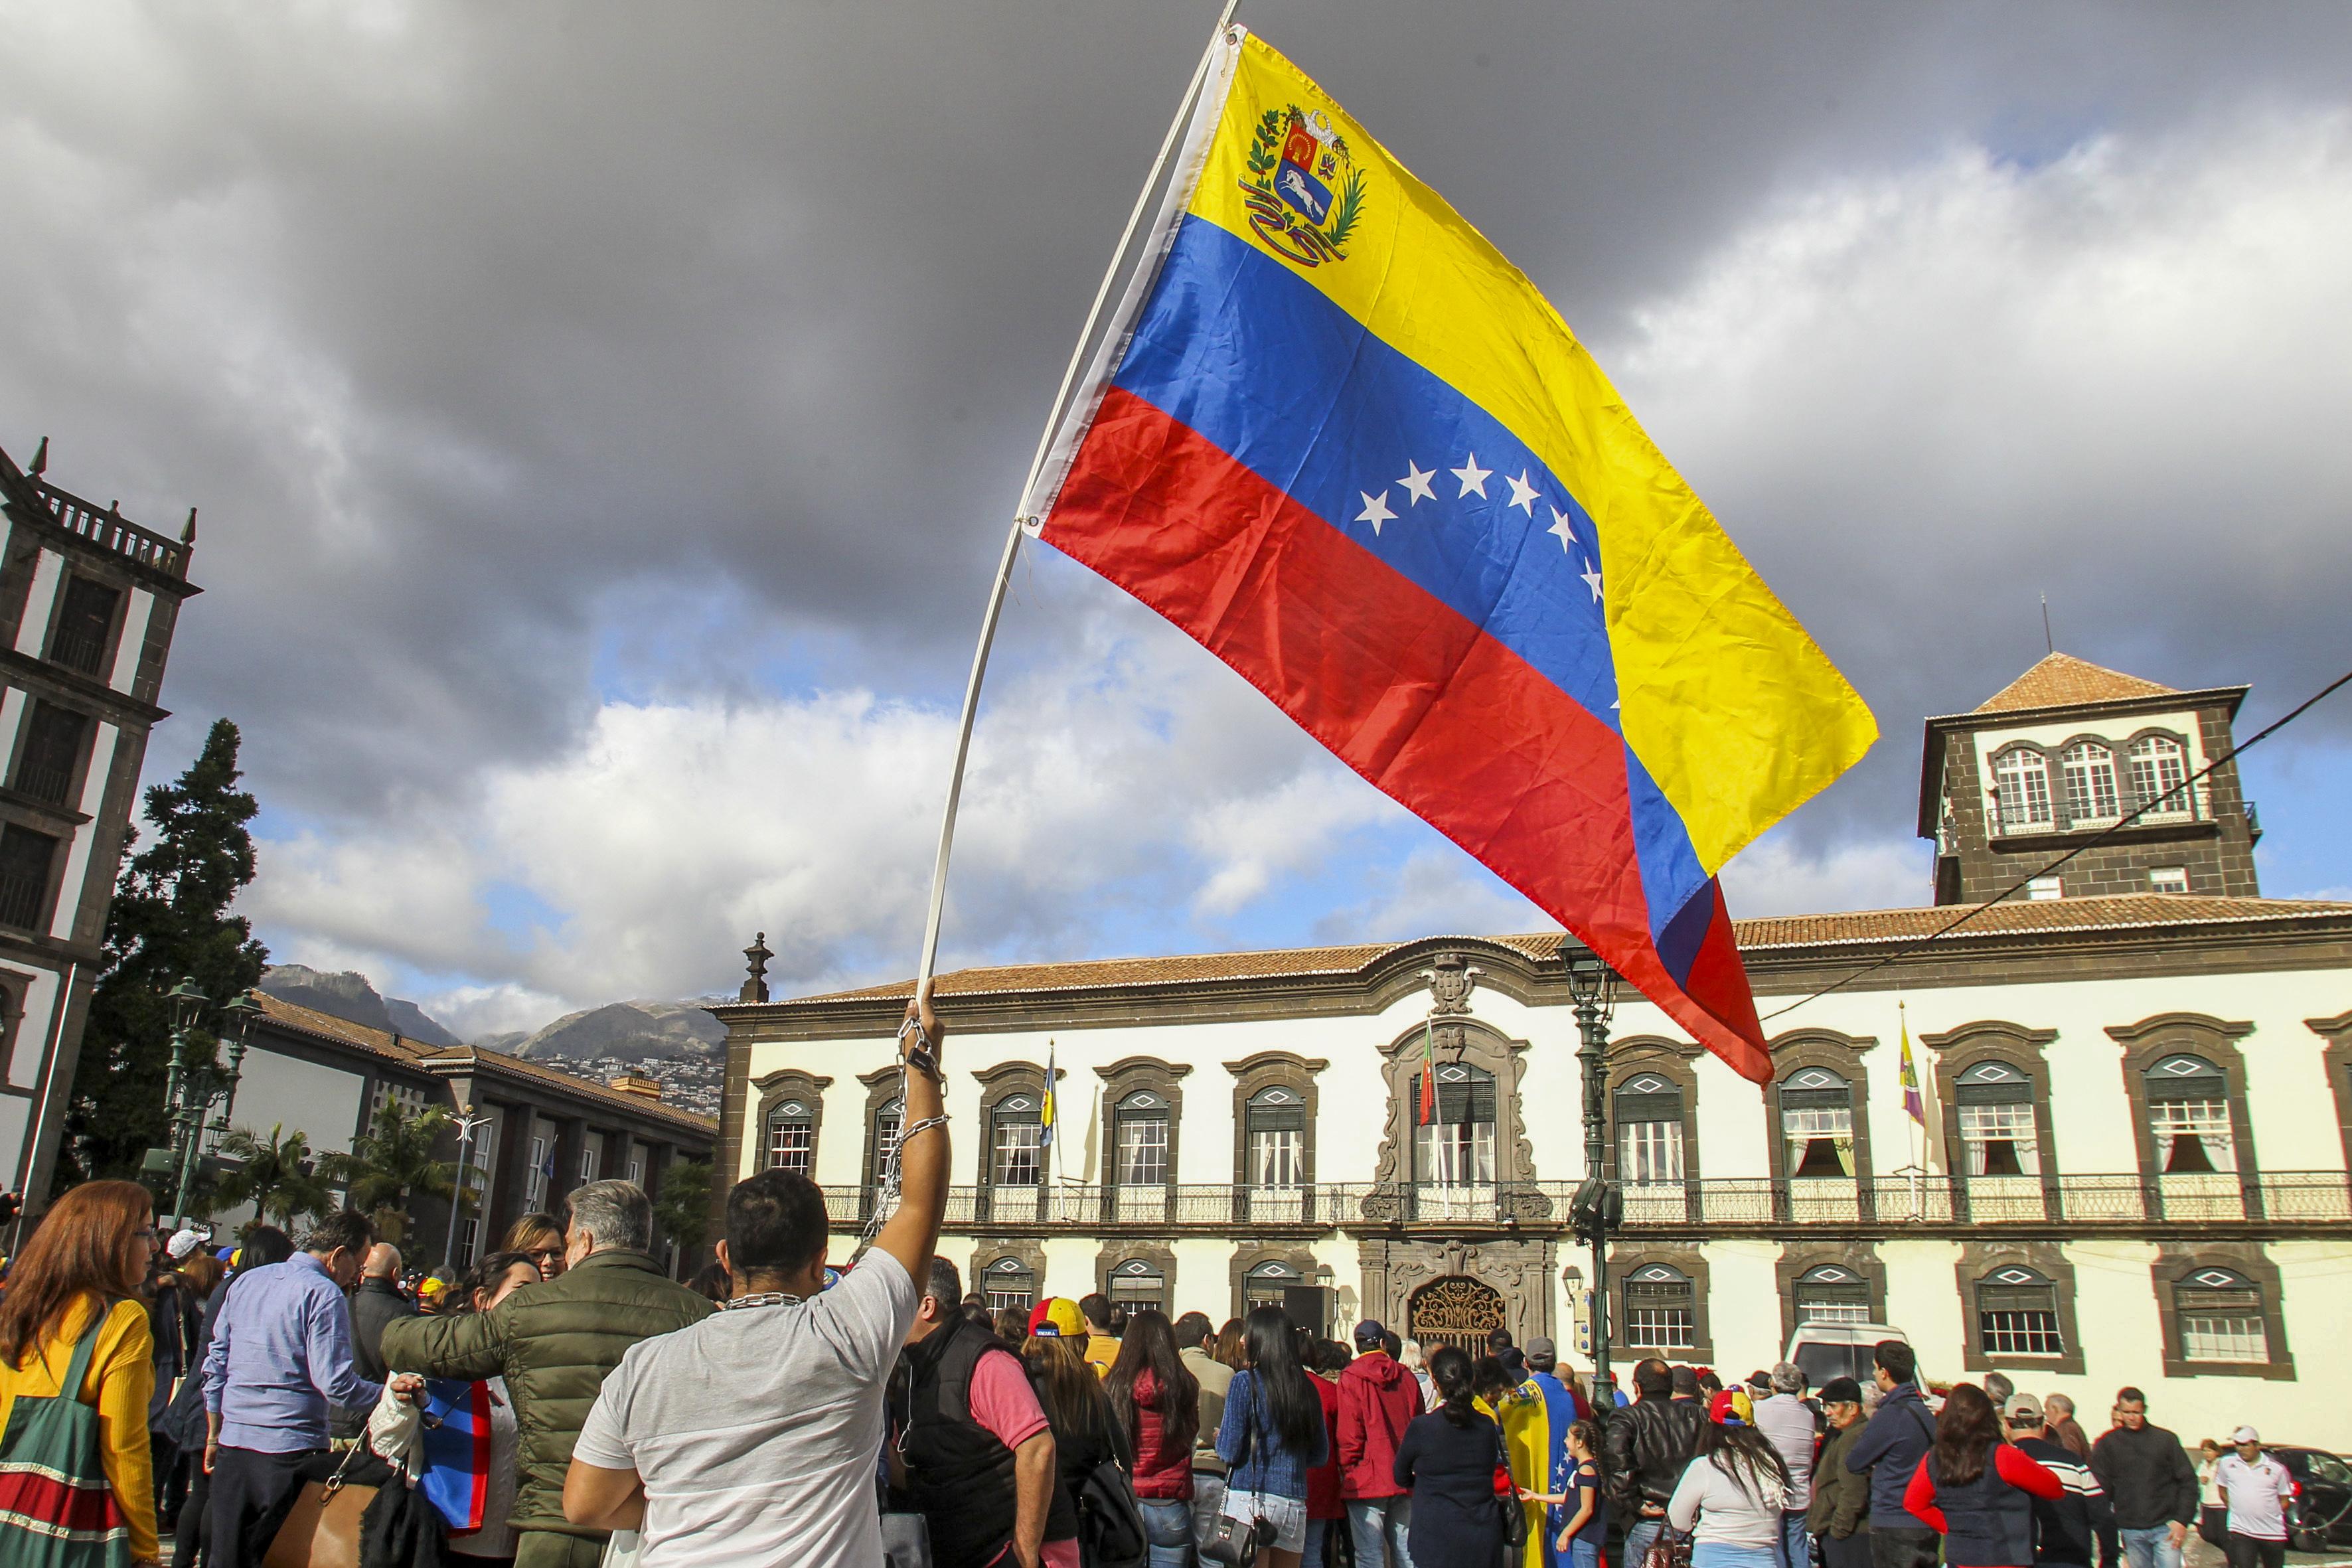 Venezuela: Cerca de 3,4 milhões de pessoas saíram do país desde início da crise, diz a ONU